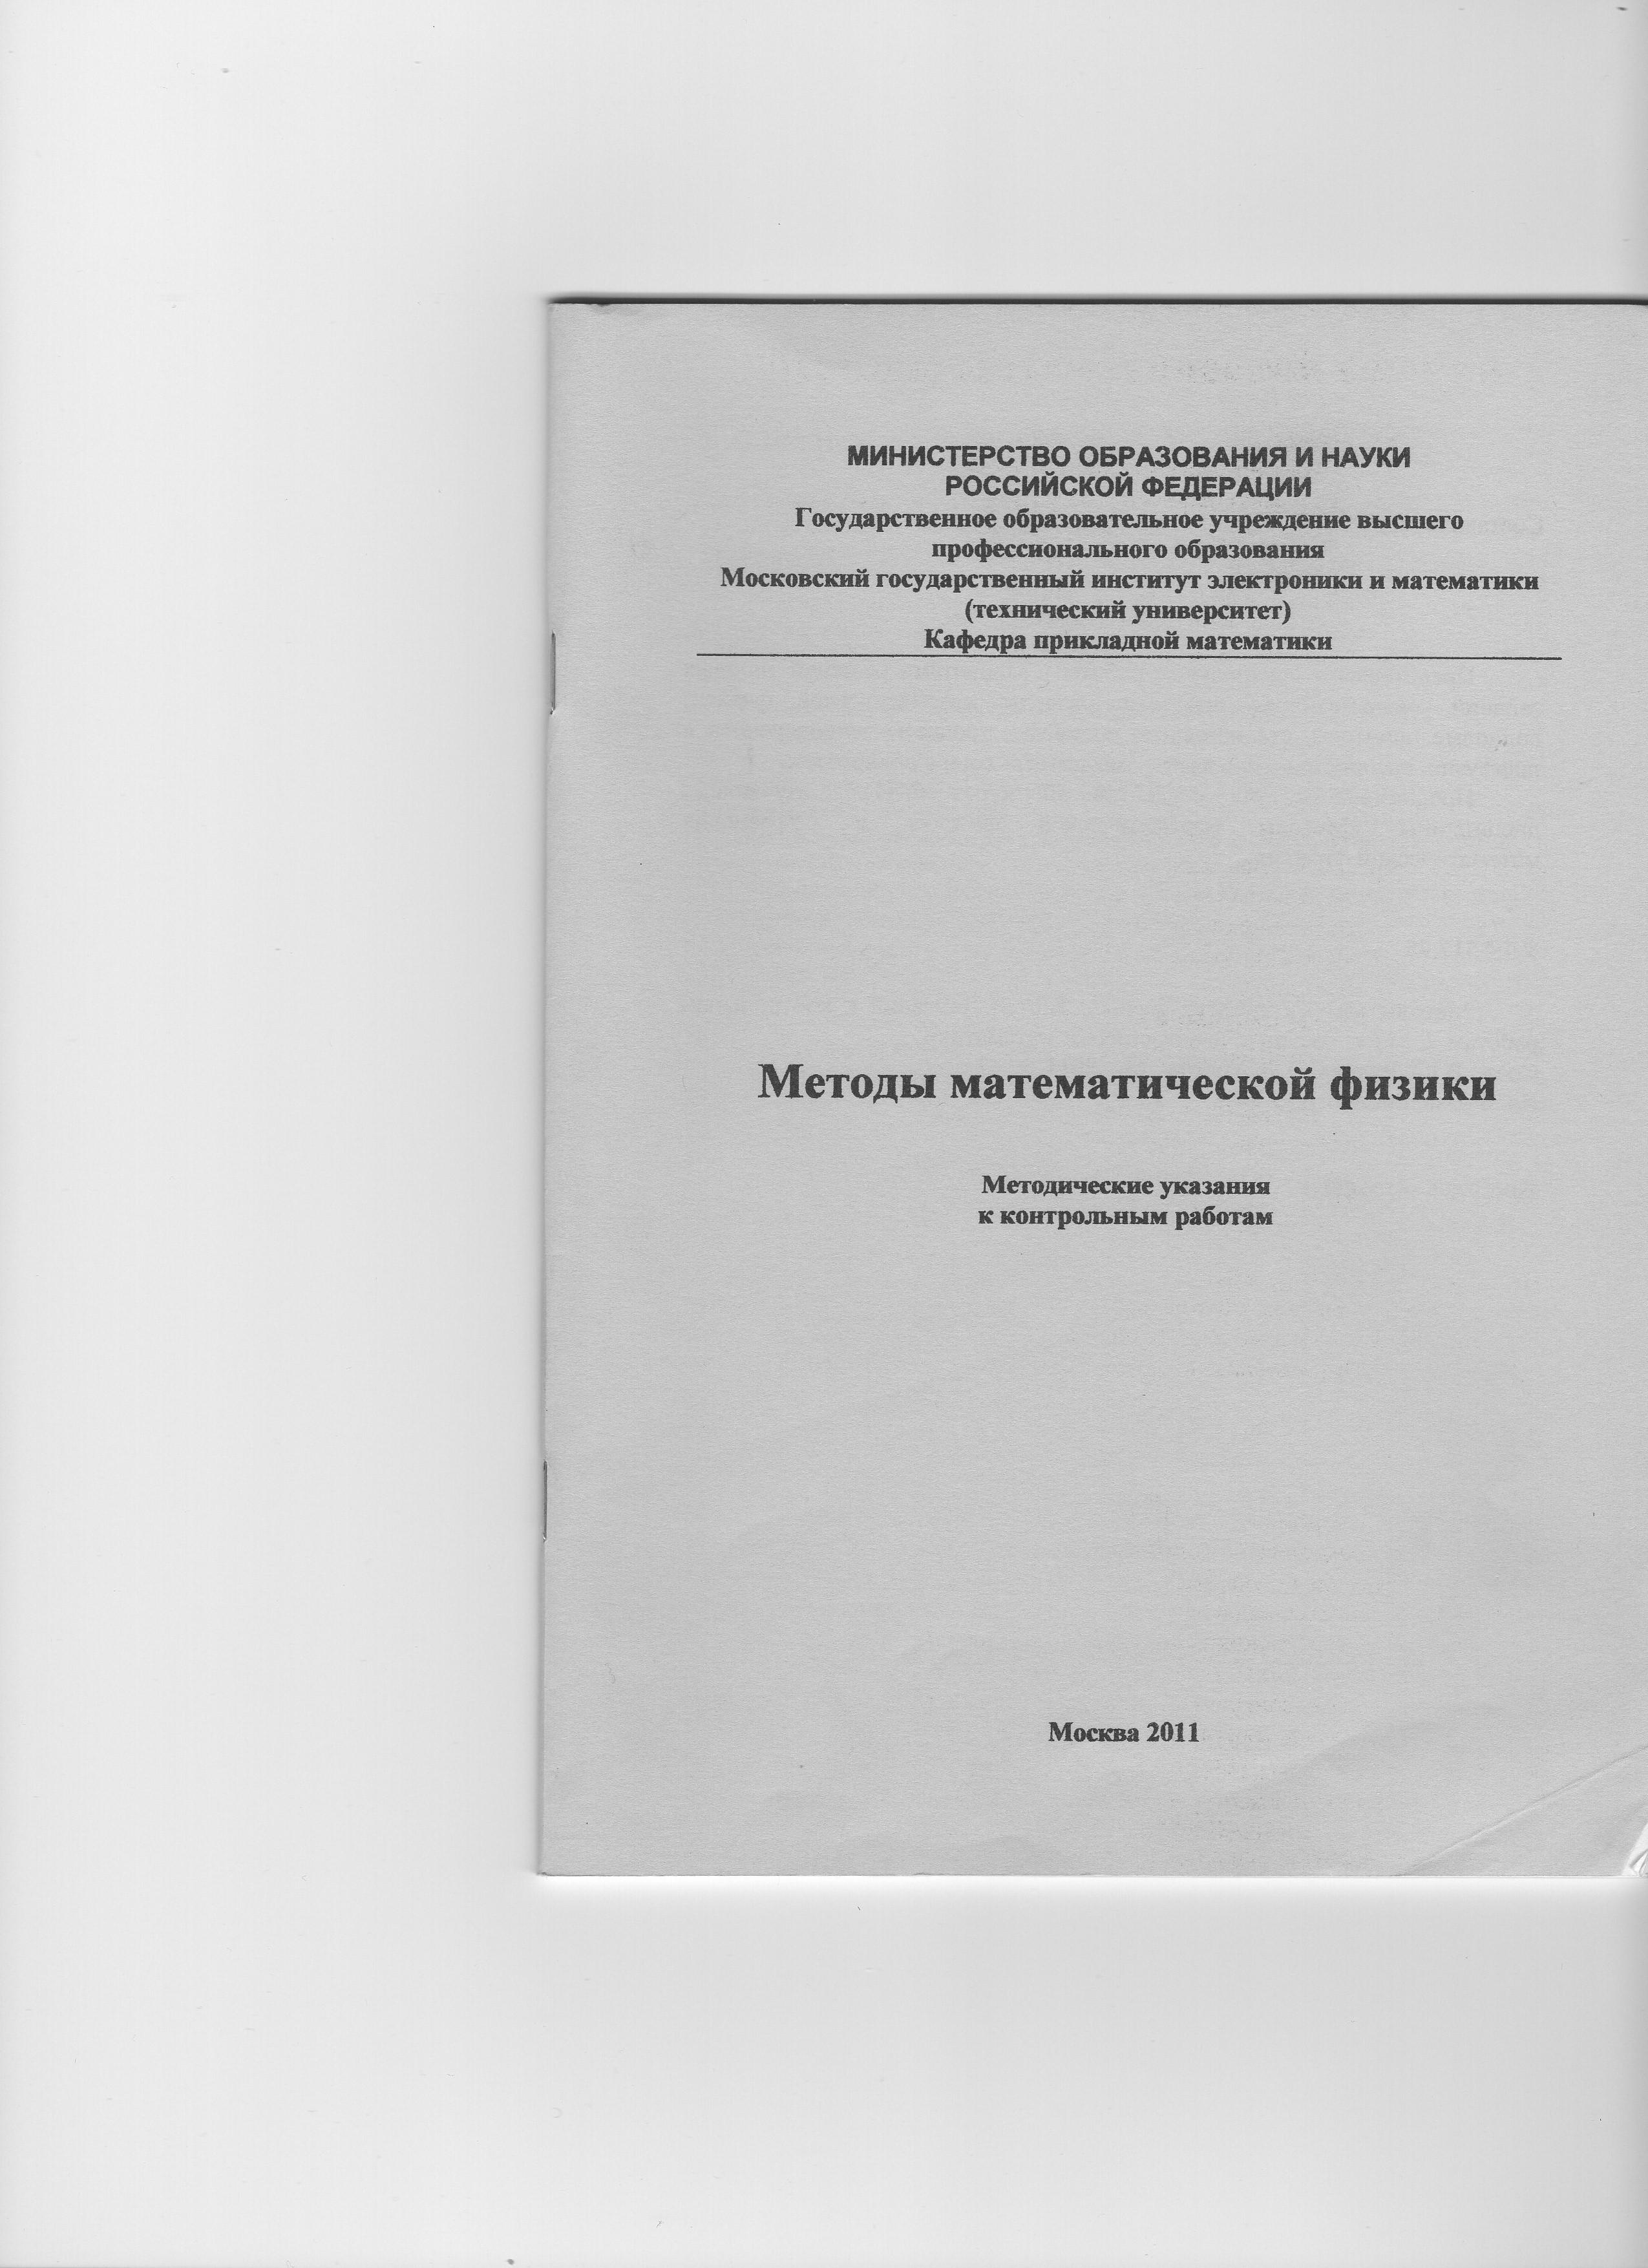 Сборник контрольных работ и методических указаний для их  Сборник контрольных работ и методических указаний для их выполнения по дисциплине Методы математической физики